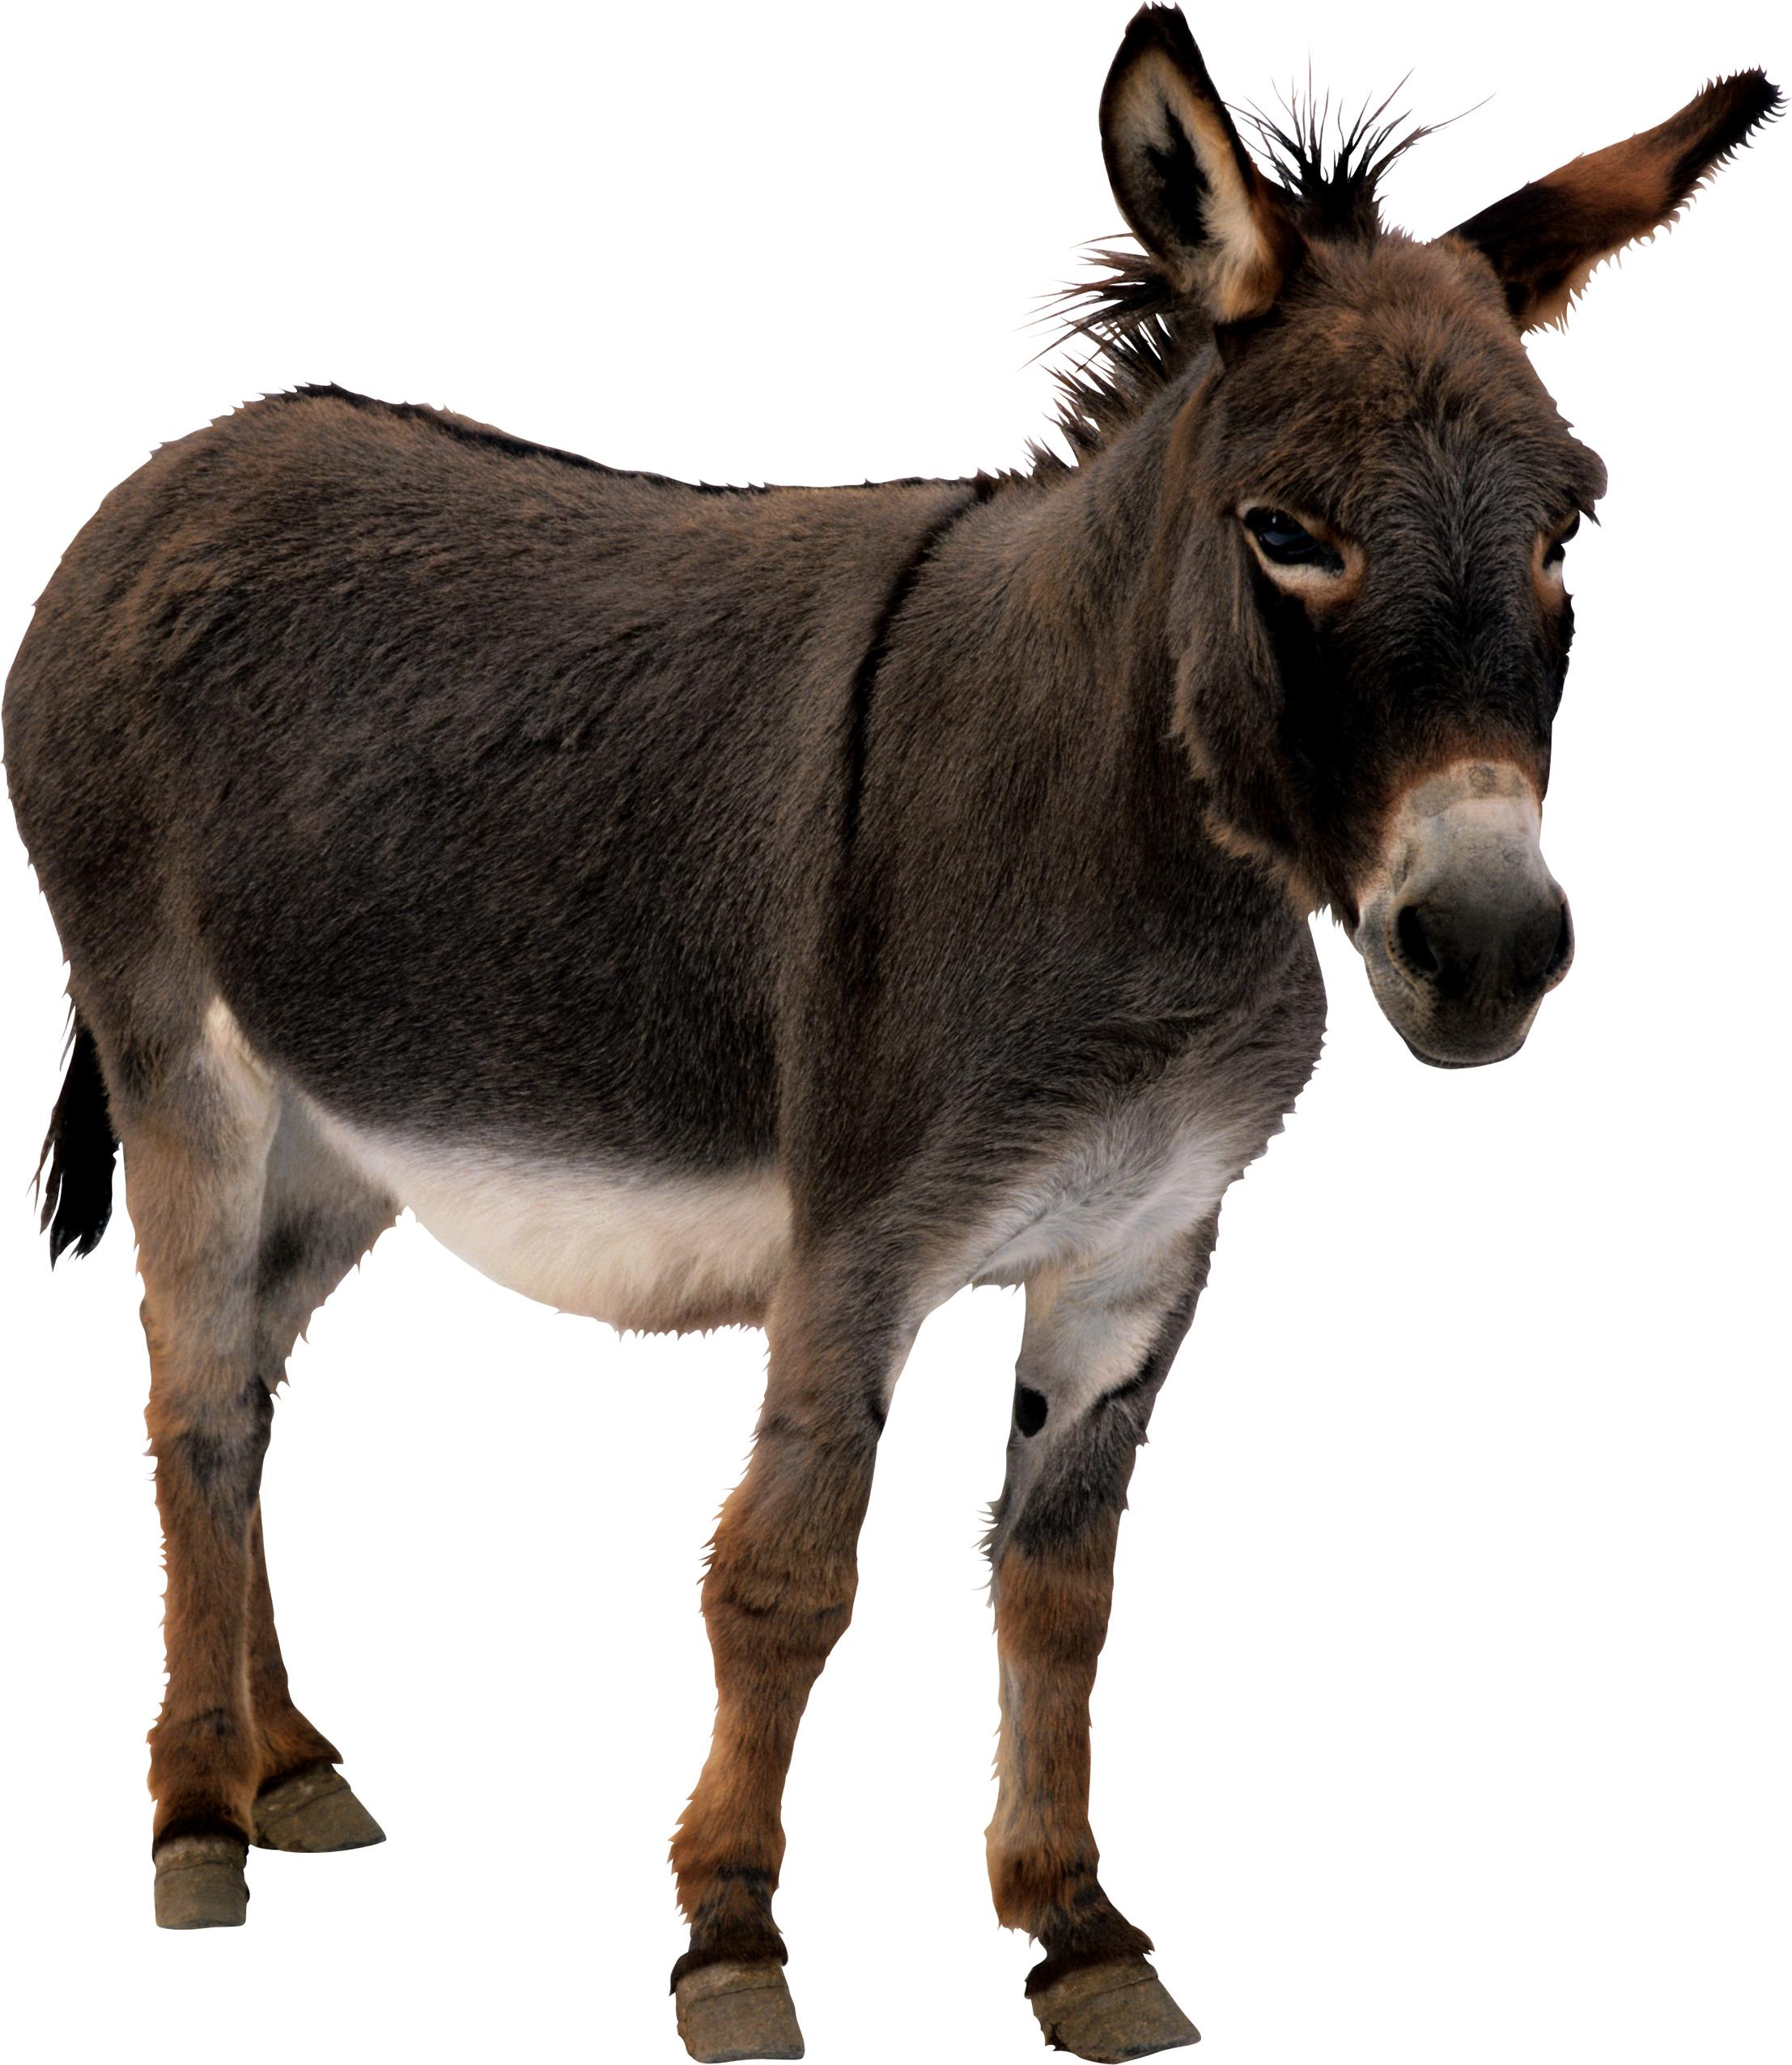 image stock Mule clipart dunkey. Donkey icon png web.